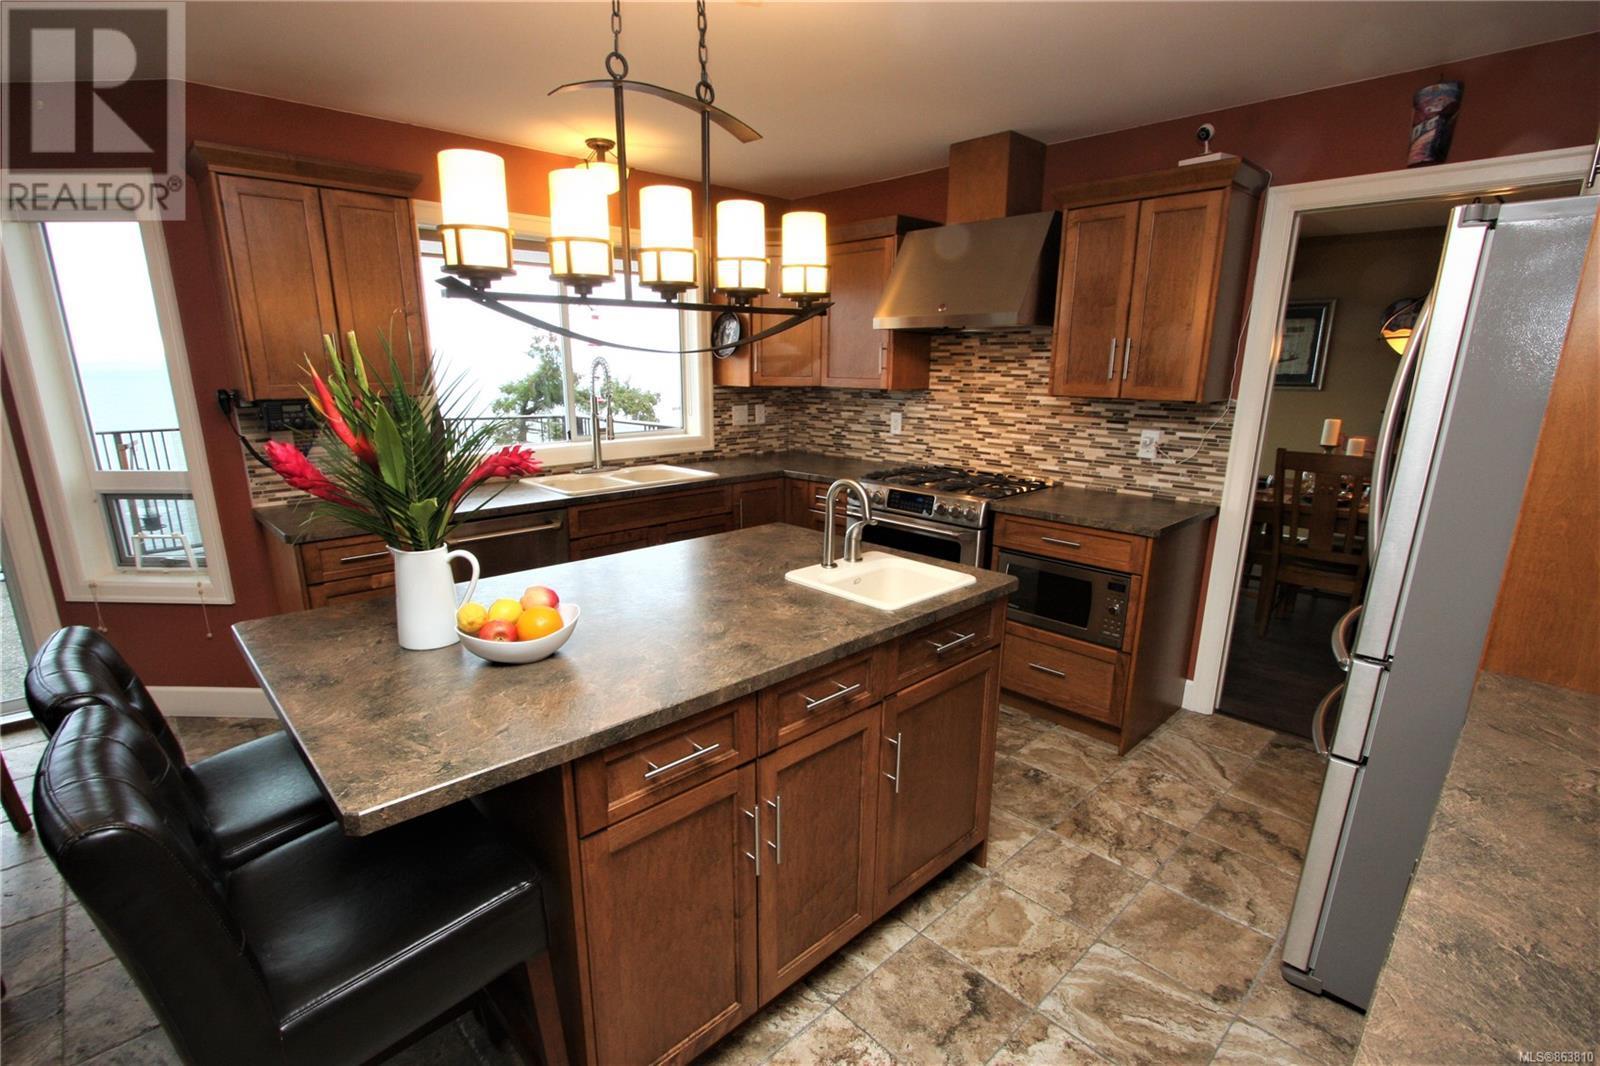 4942 Fillinger Cres, Nanaimo, British Columbia  V9V 1H9 - Photo 5 - 863810